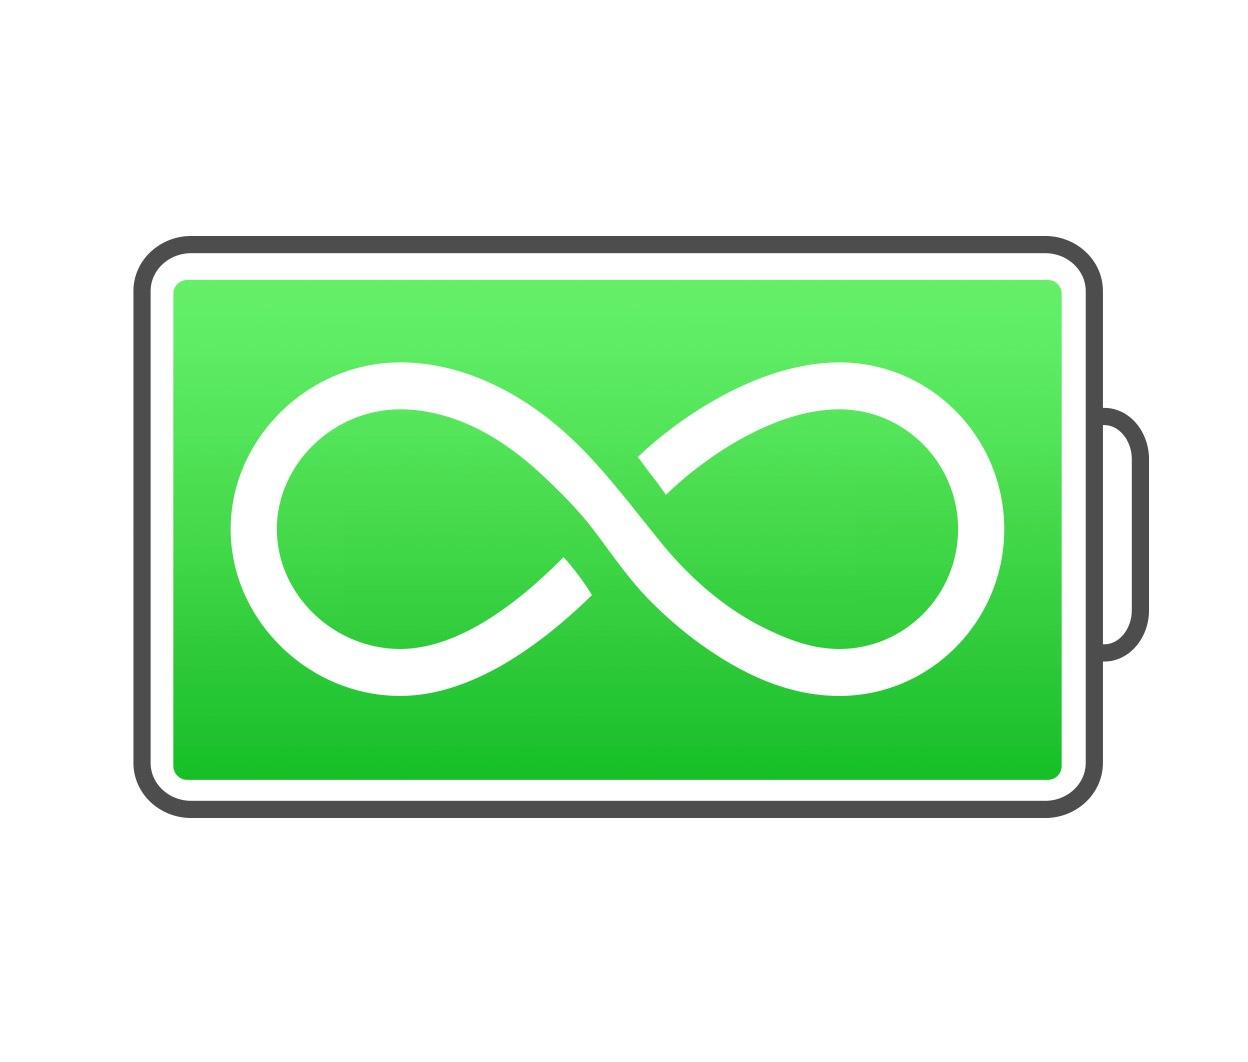 IPhone 6, s met abonnement vergelijken - de beste aanbiedingen